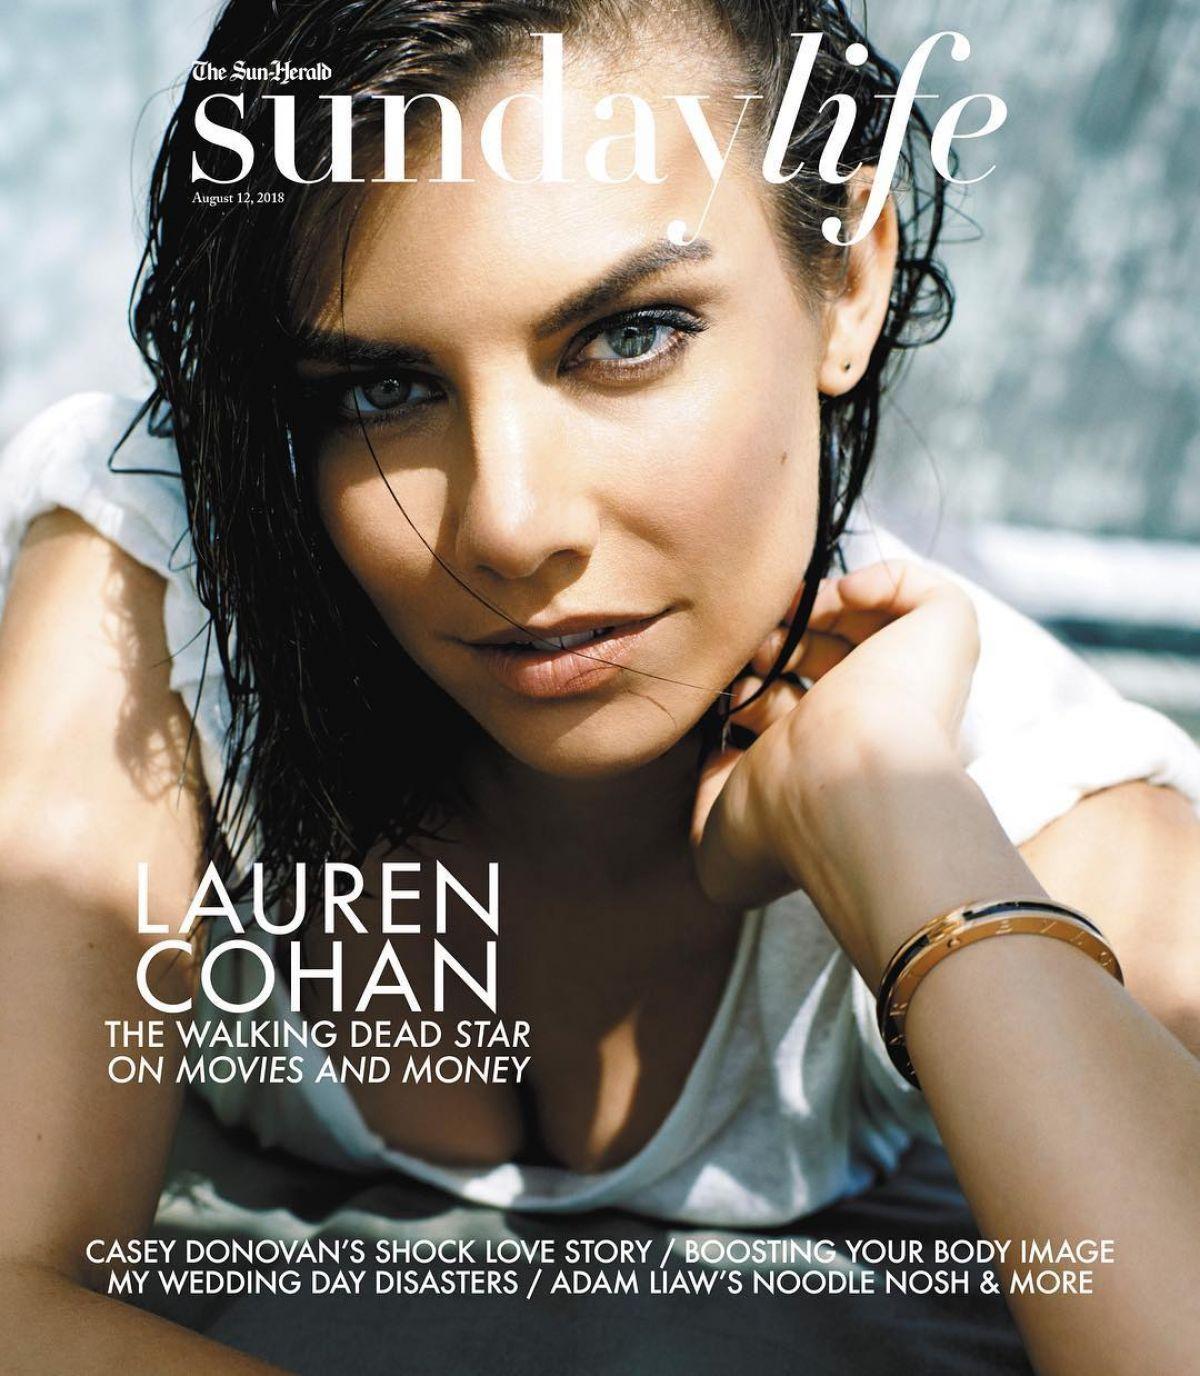 Lauren Cohan Archives - Page 3 of 6 - HawtCelebs - HawtCelebs